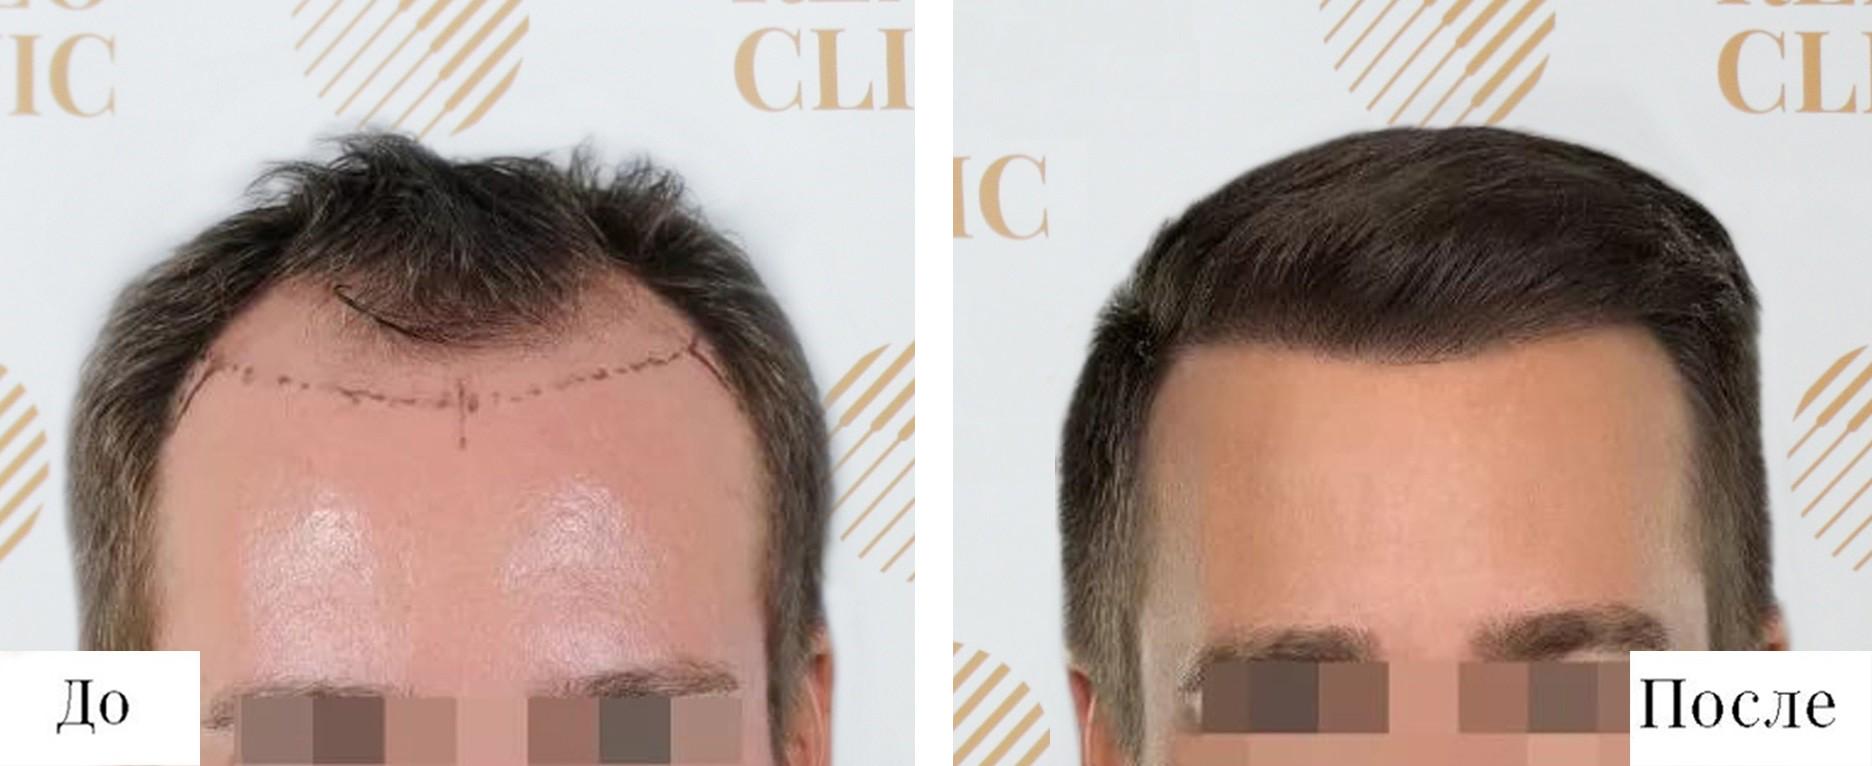 Нормальная линия волос у мужчин фото